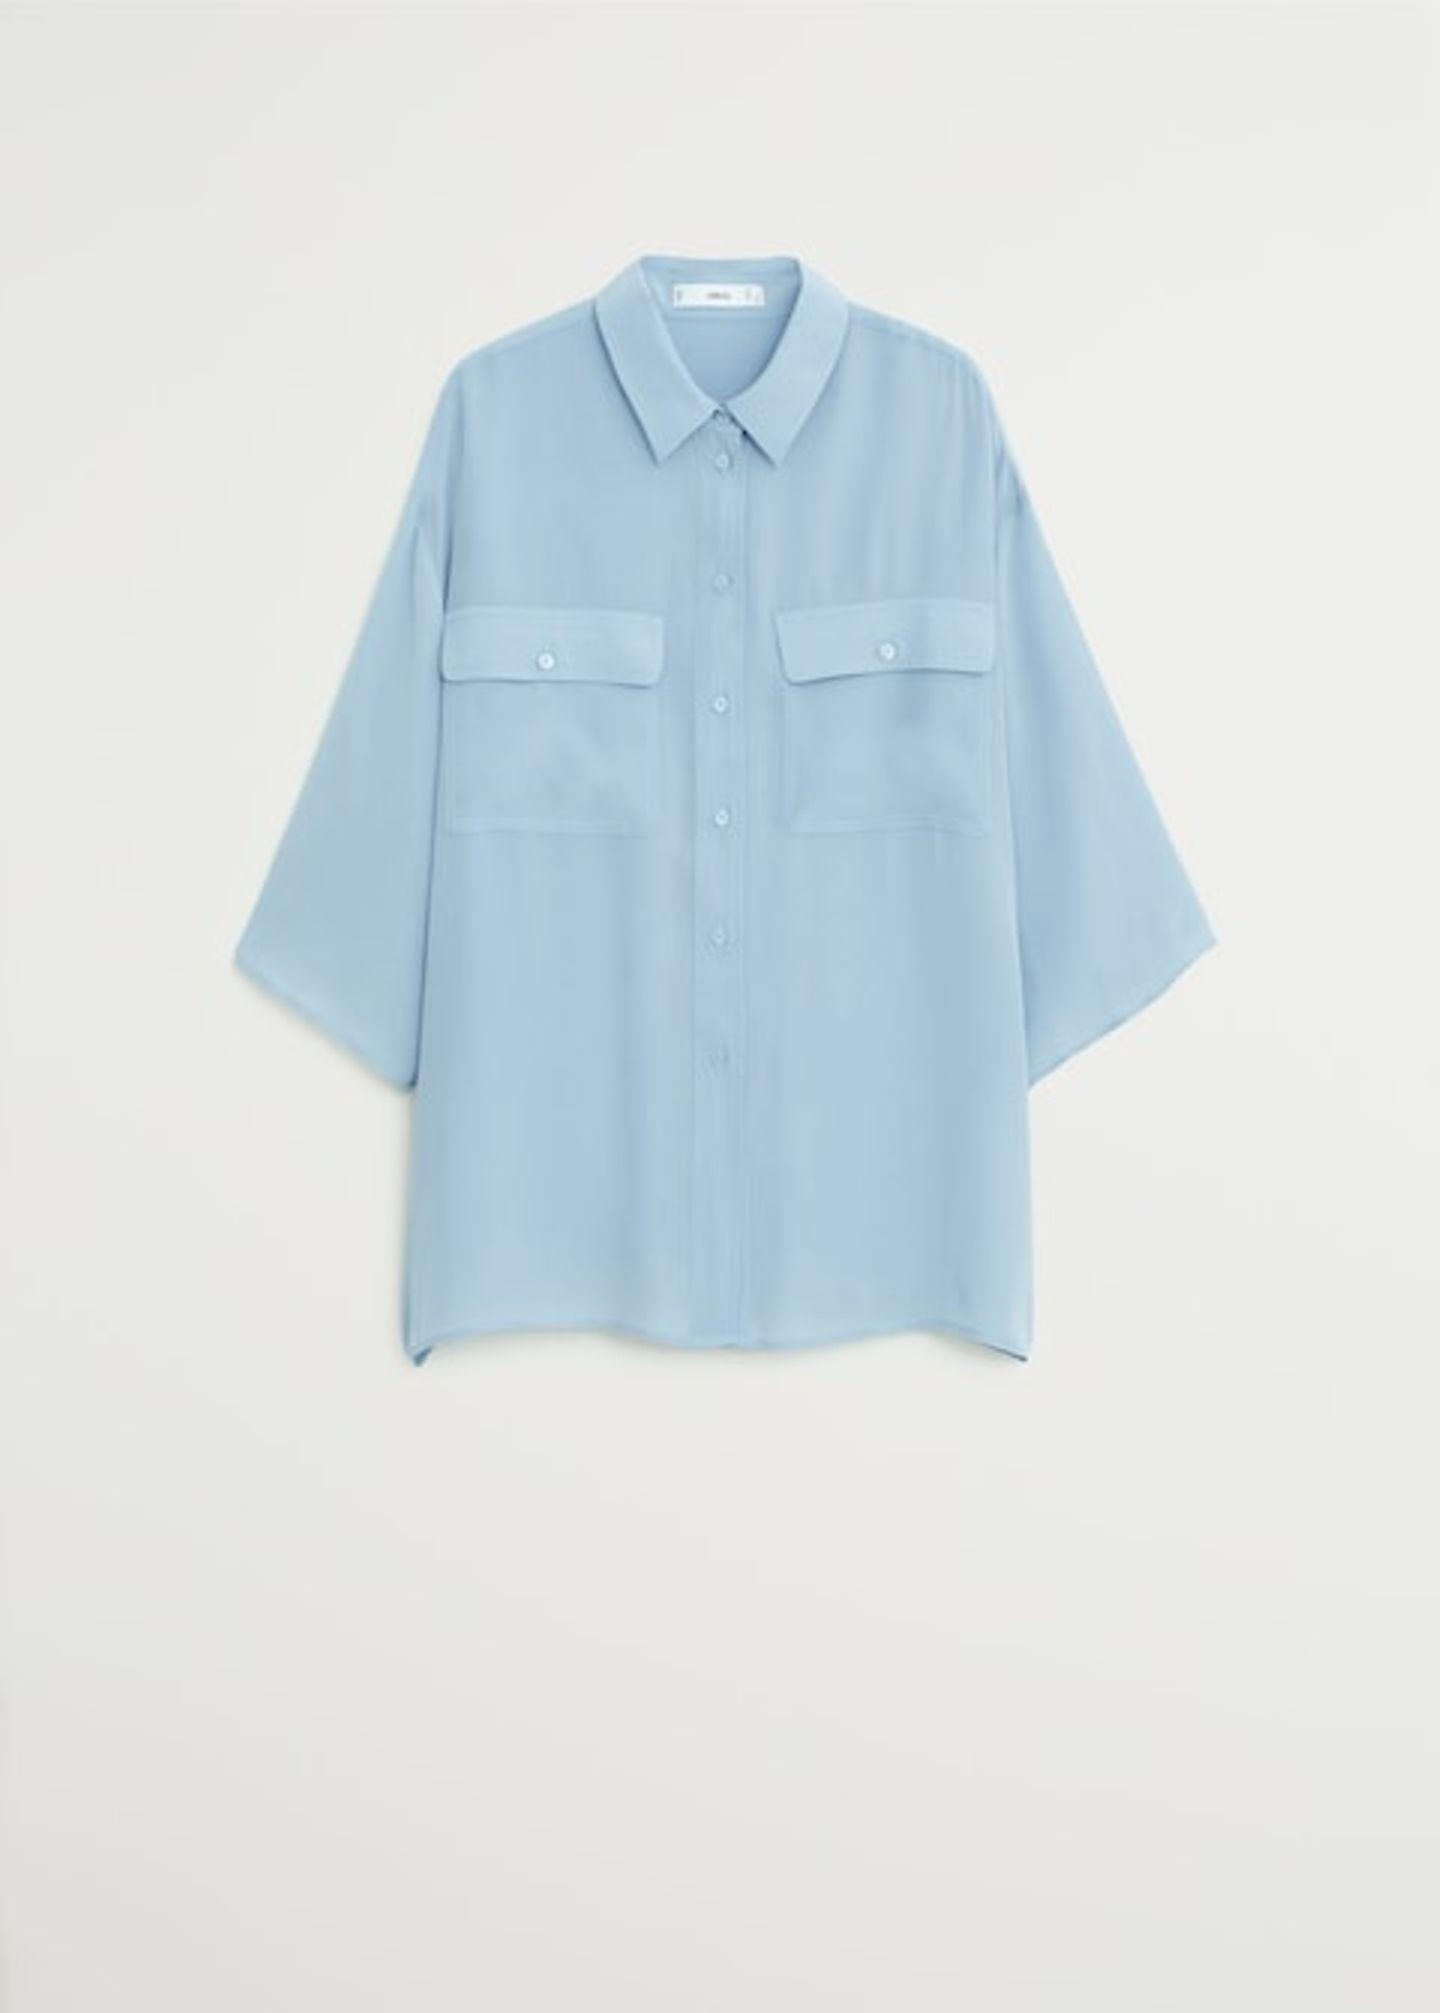 Frühlings-Bluse: Hellblau